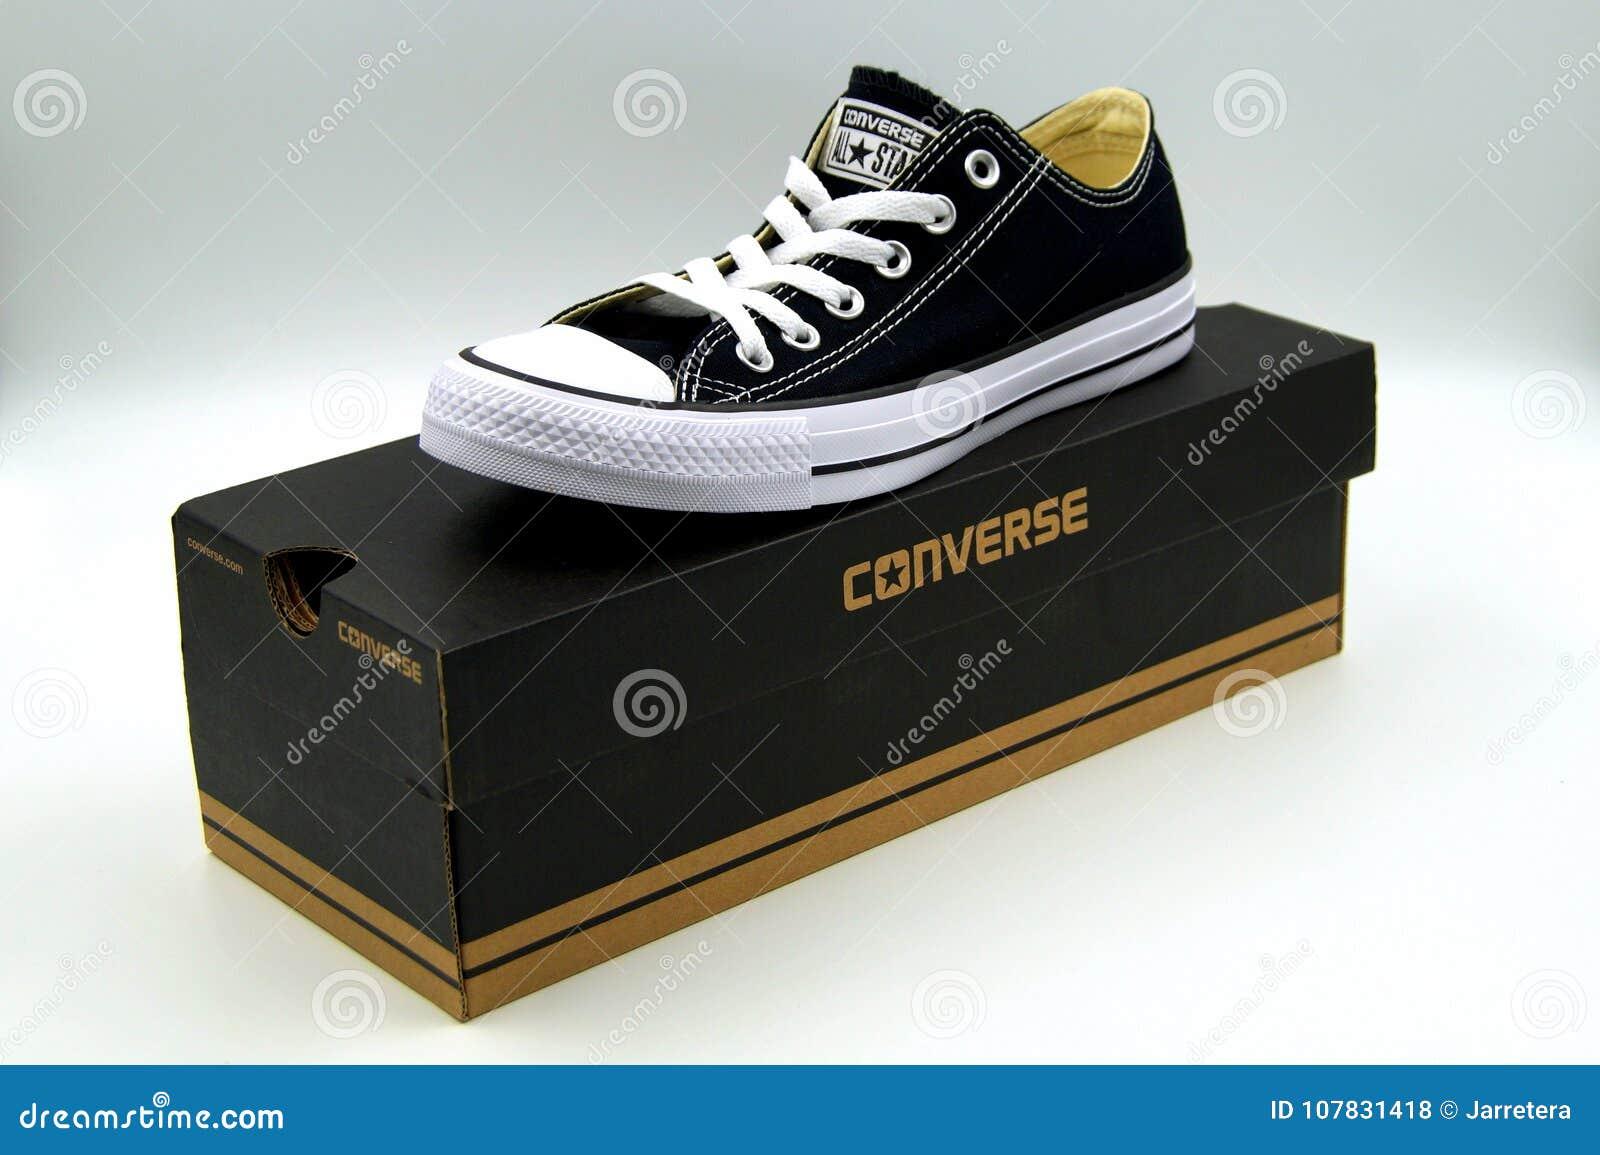 Converse All Star Chuck Taylor Stockfotos & Converse All